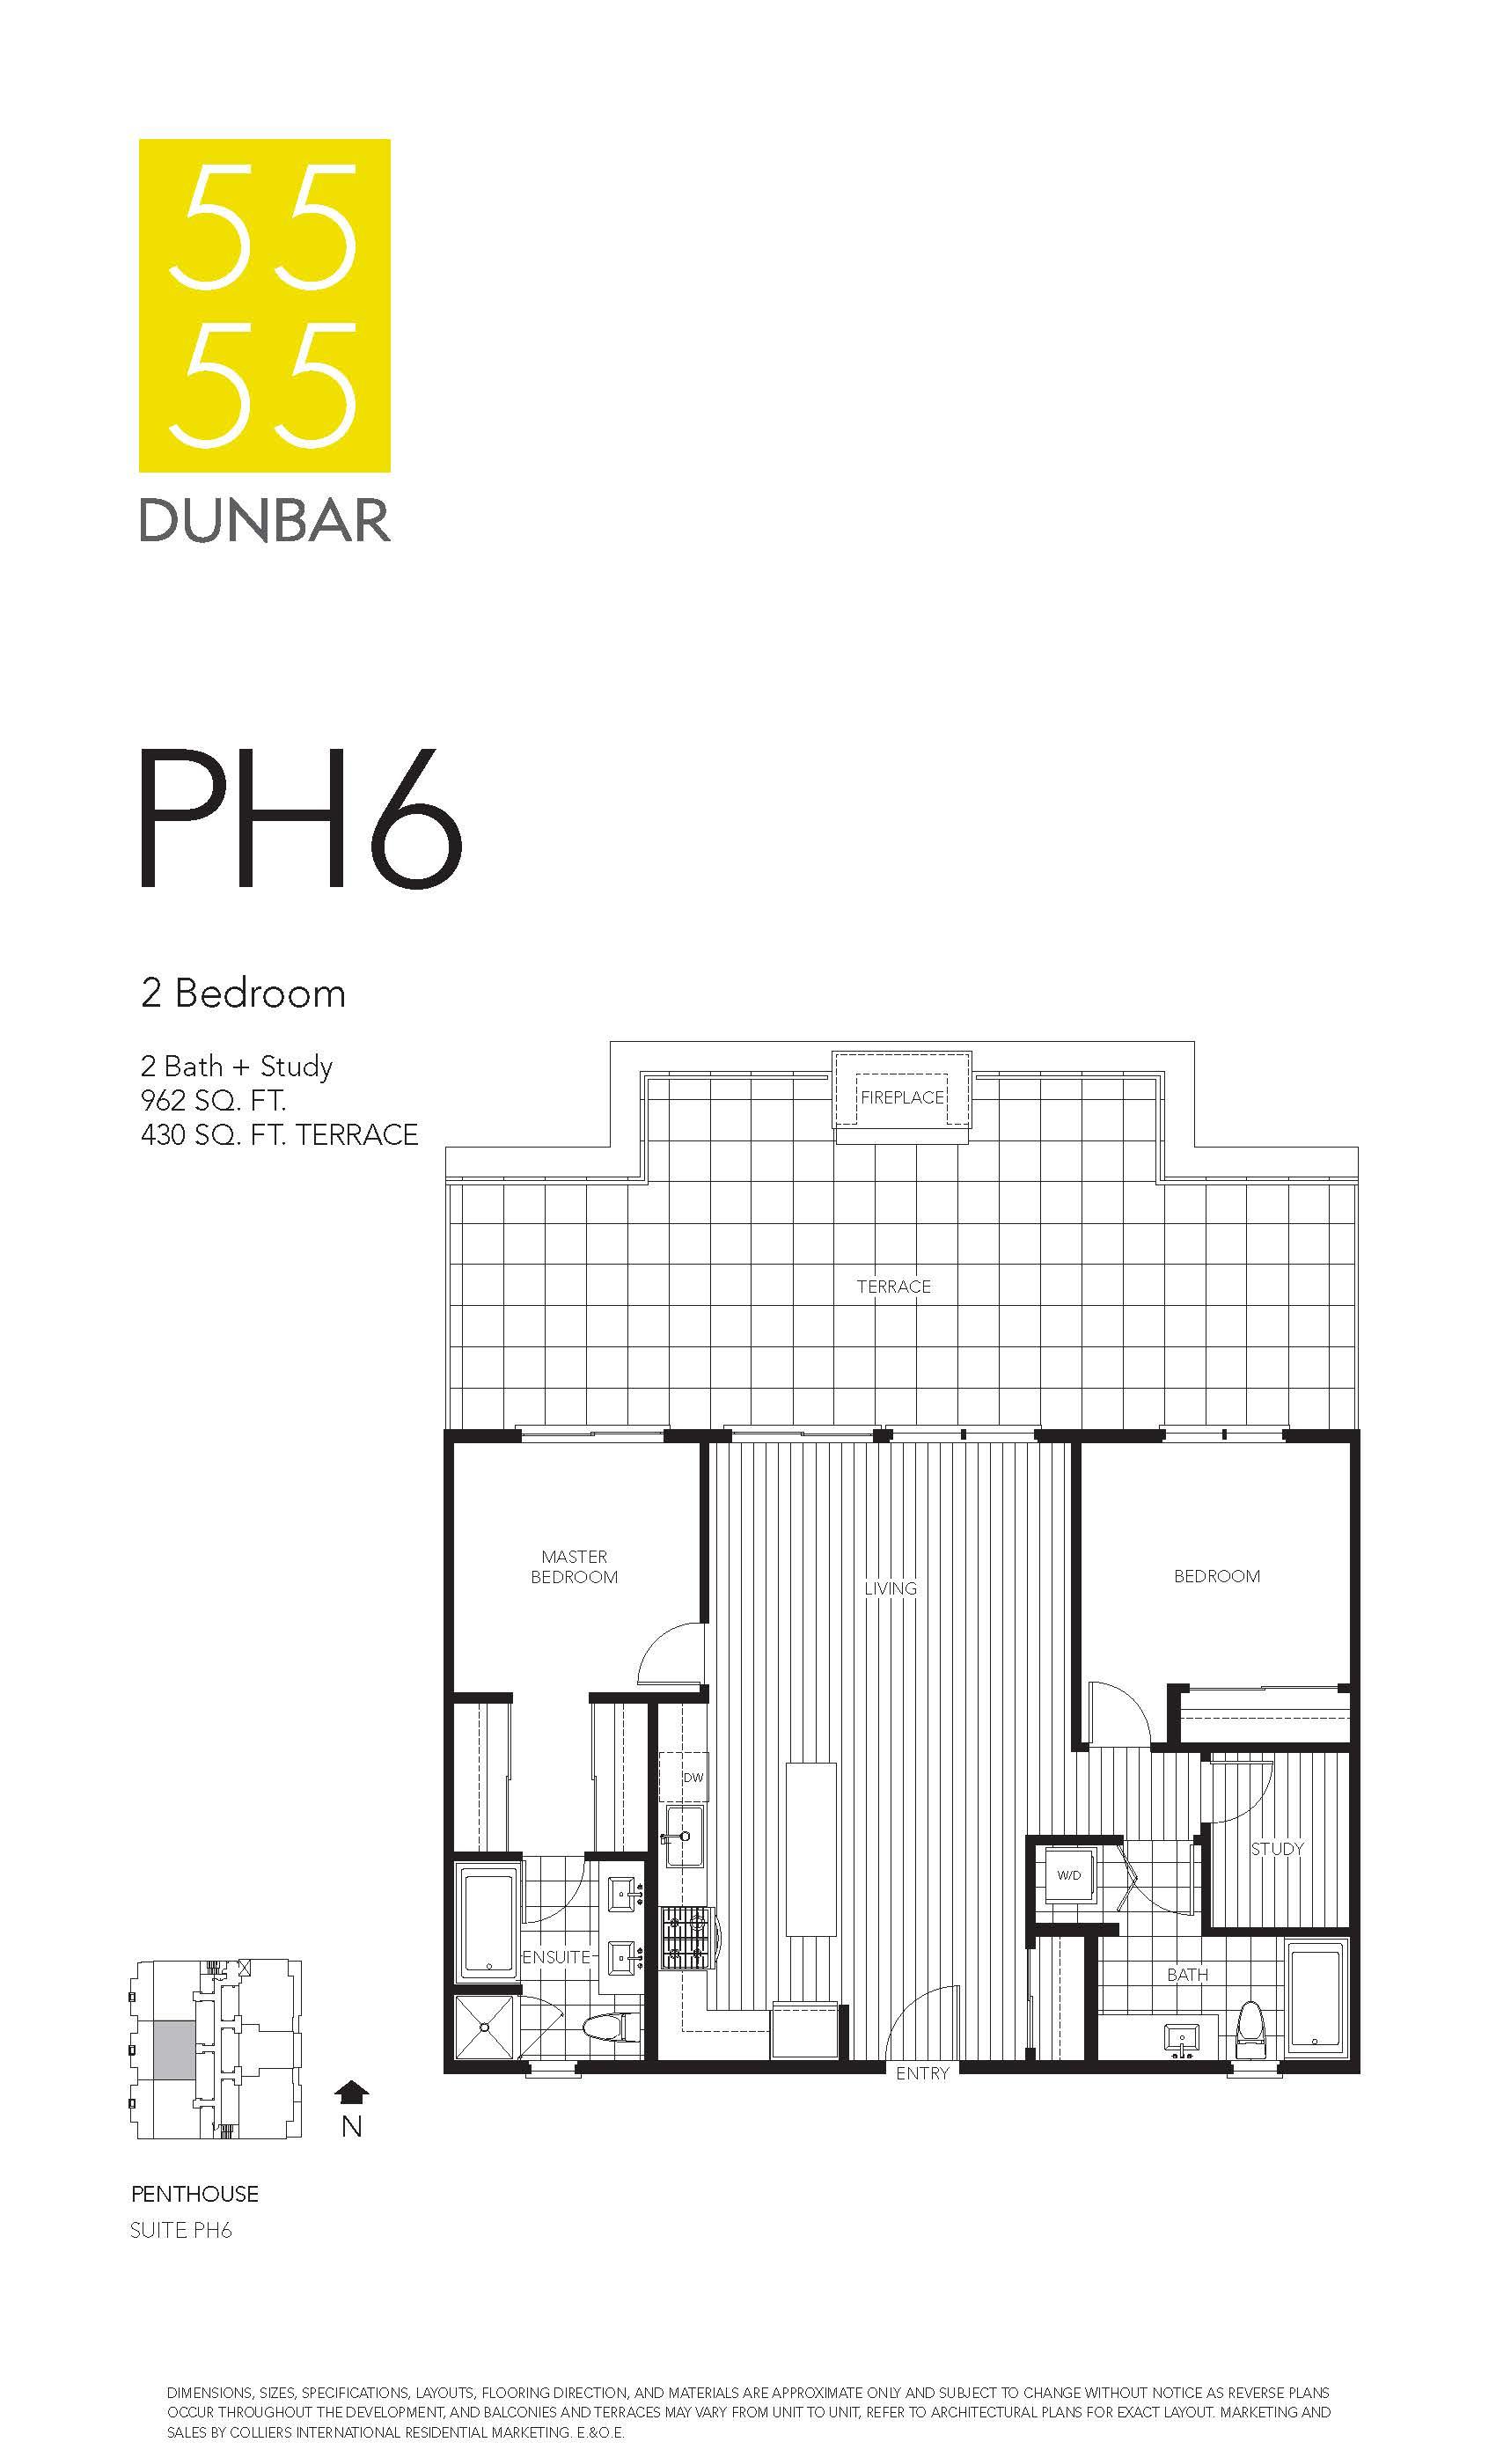 Dunbar PH6